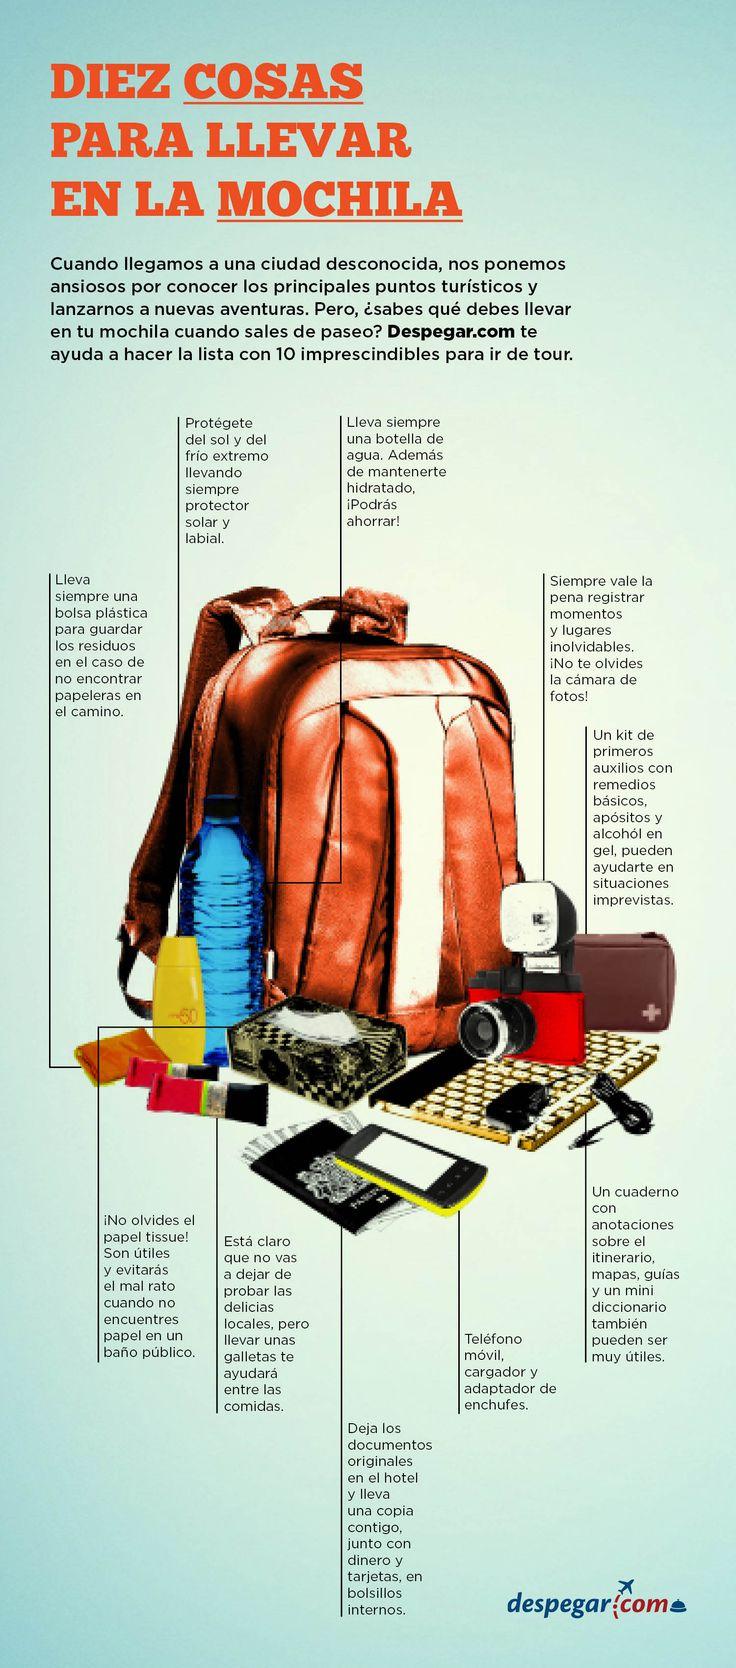 #Infografía #10 #cosas que llevar en la #mochila de #viaje. Entérate sobre lo que es necesario cargar en tu #bolso de #viaje con #Despegar.